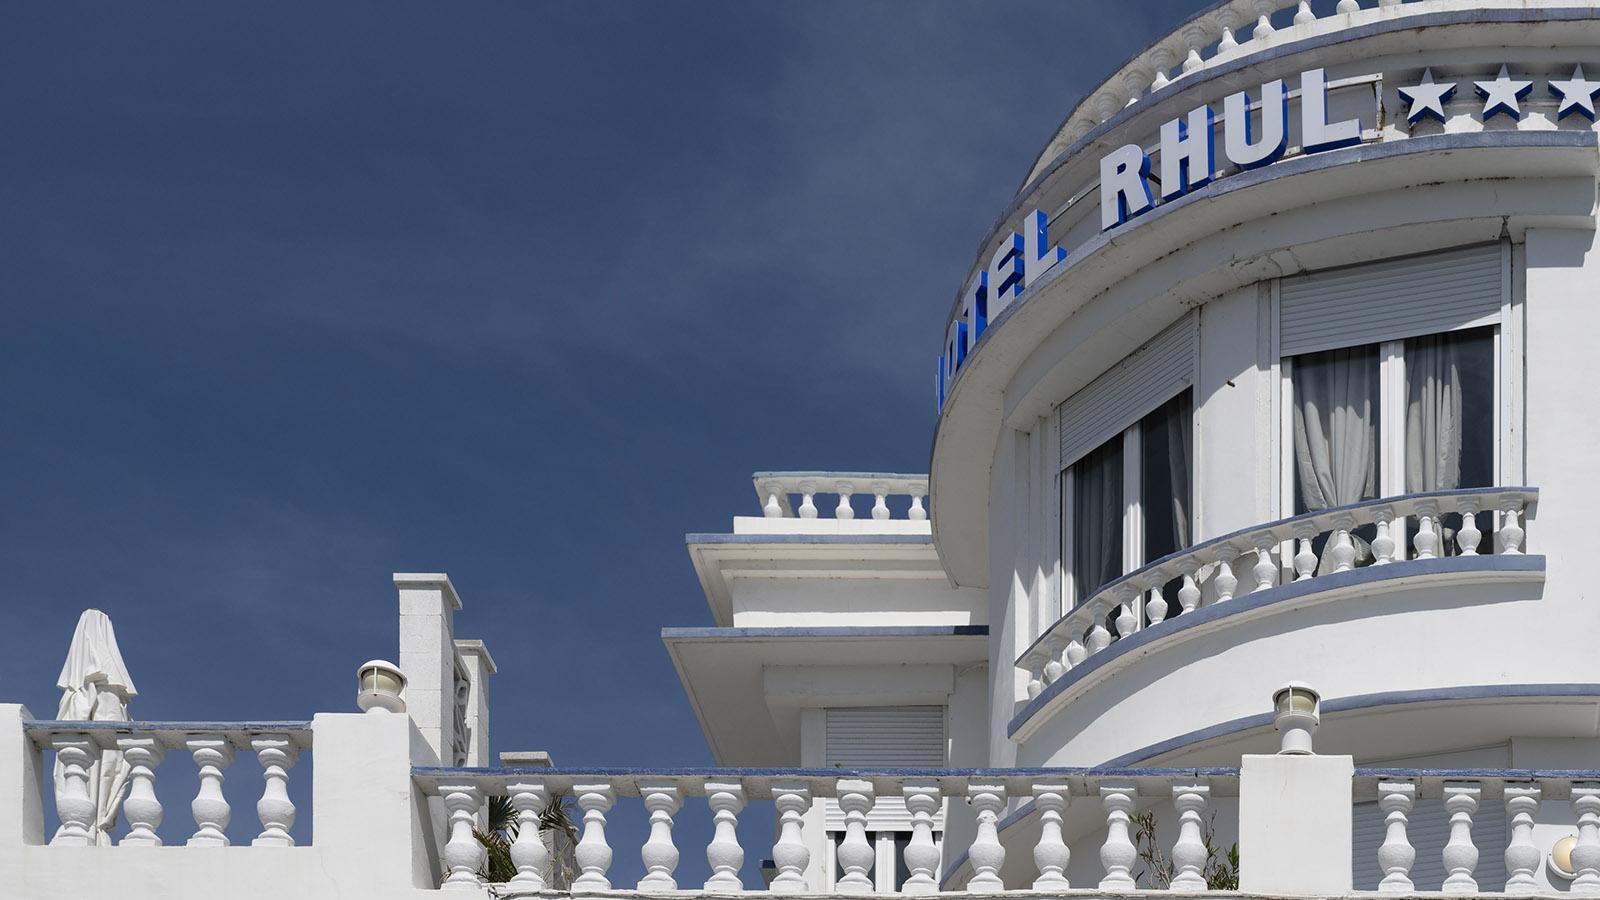 Das Hôtel Rhul gehört neben Fonfon im Vallon des Auffes zu den renommiersten Adressen von Marseille für eine echte Bouillabaisse. Foto: Hilke Maunder